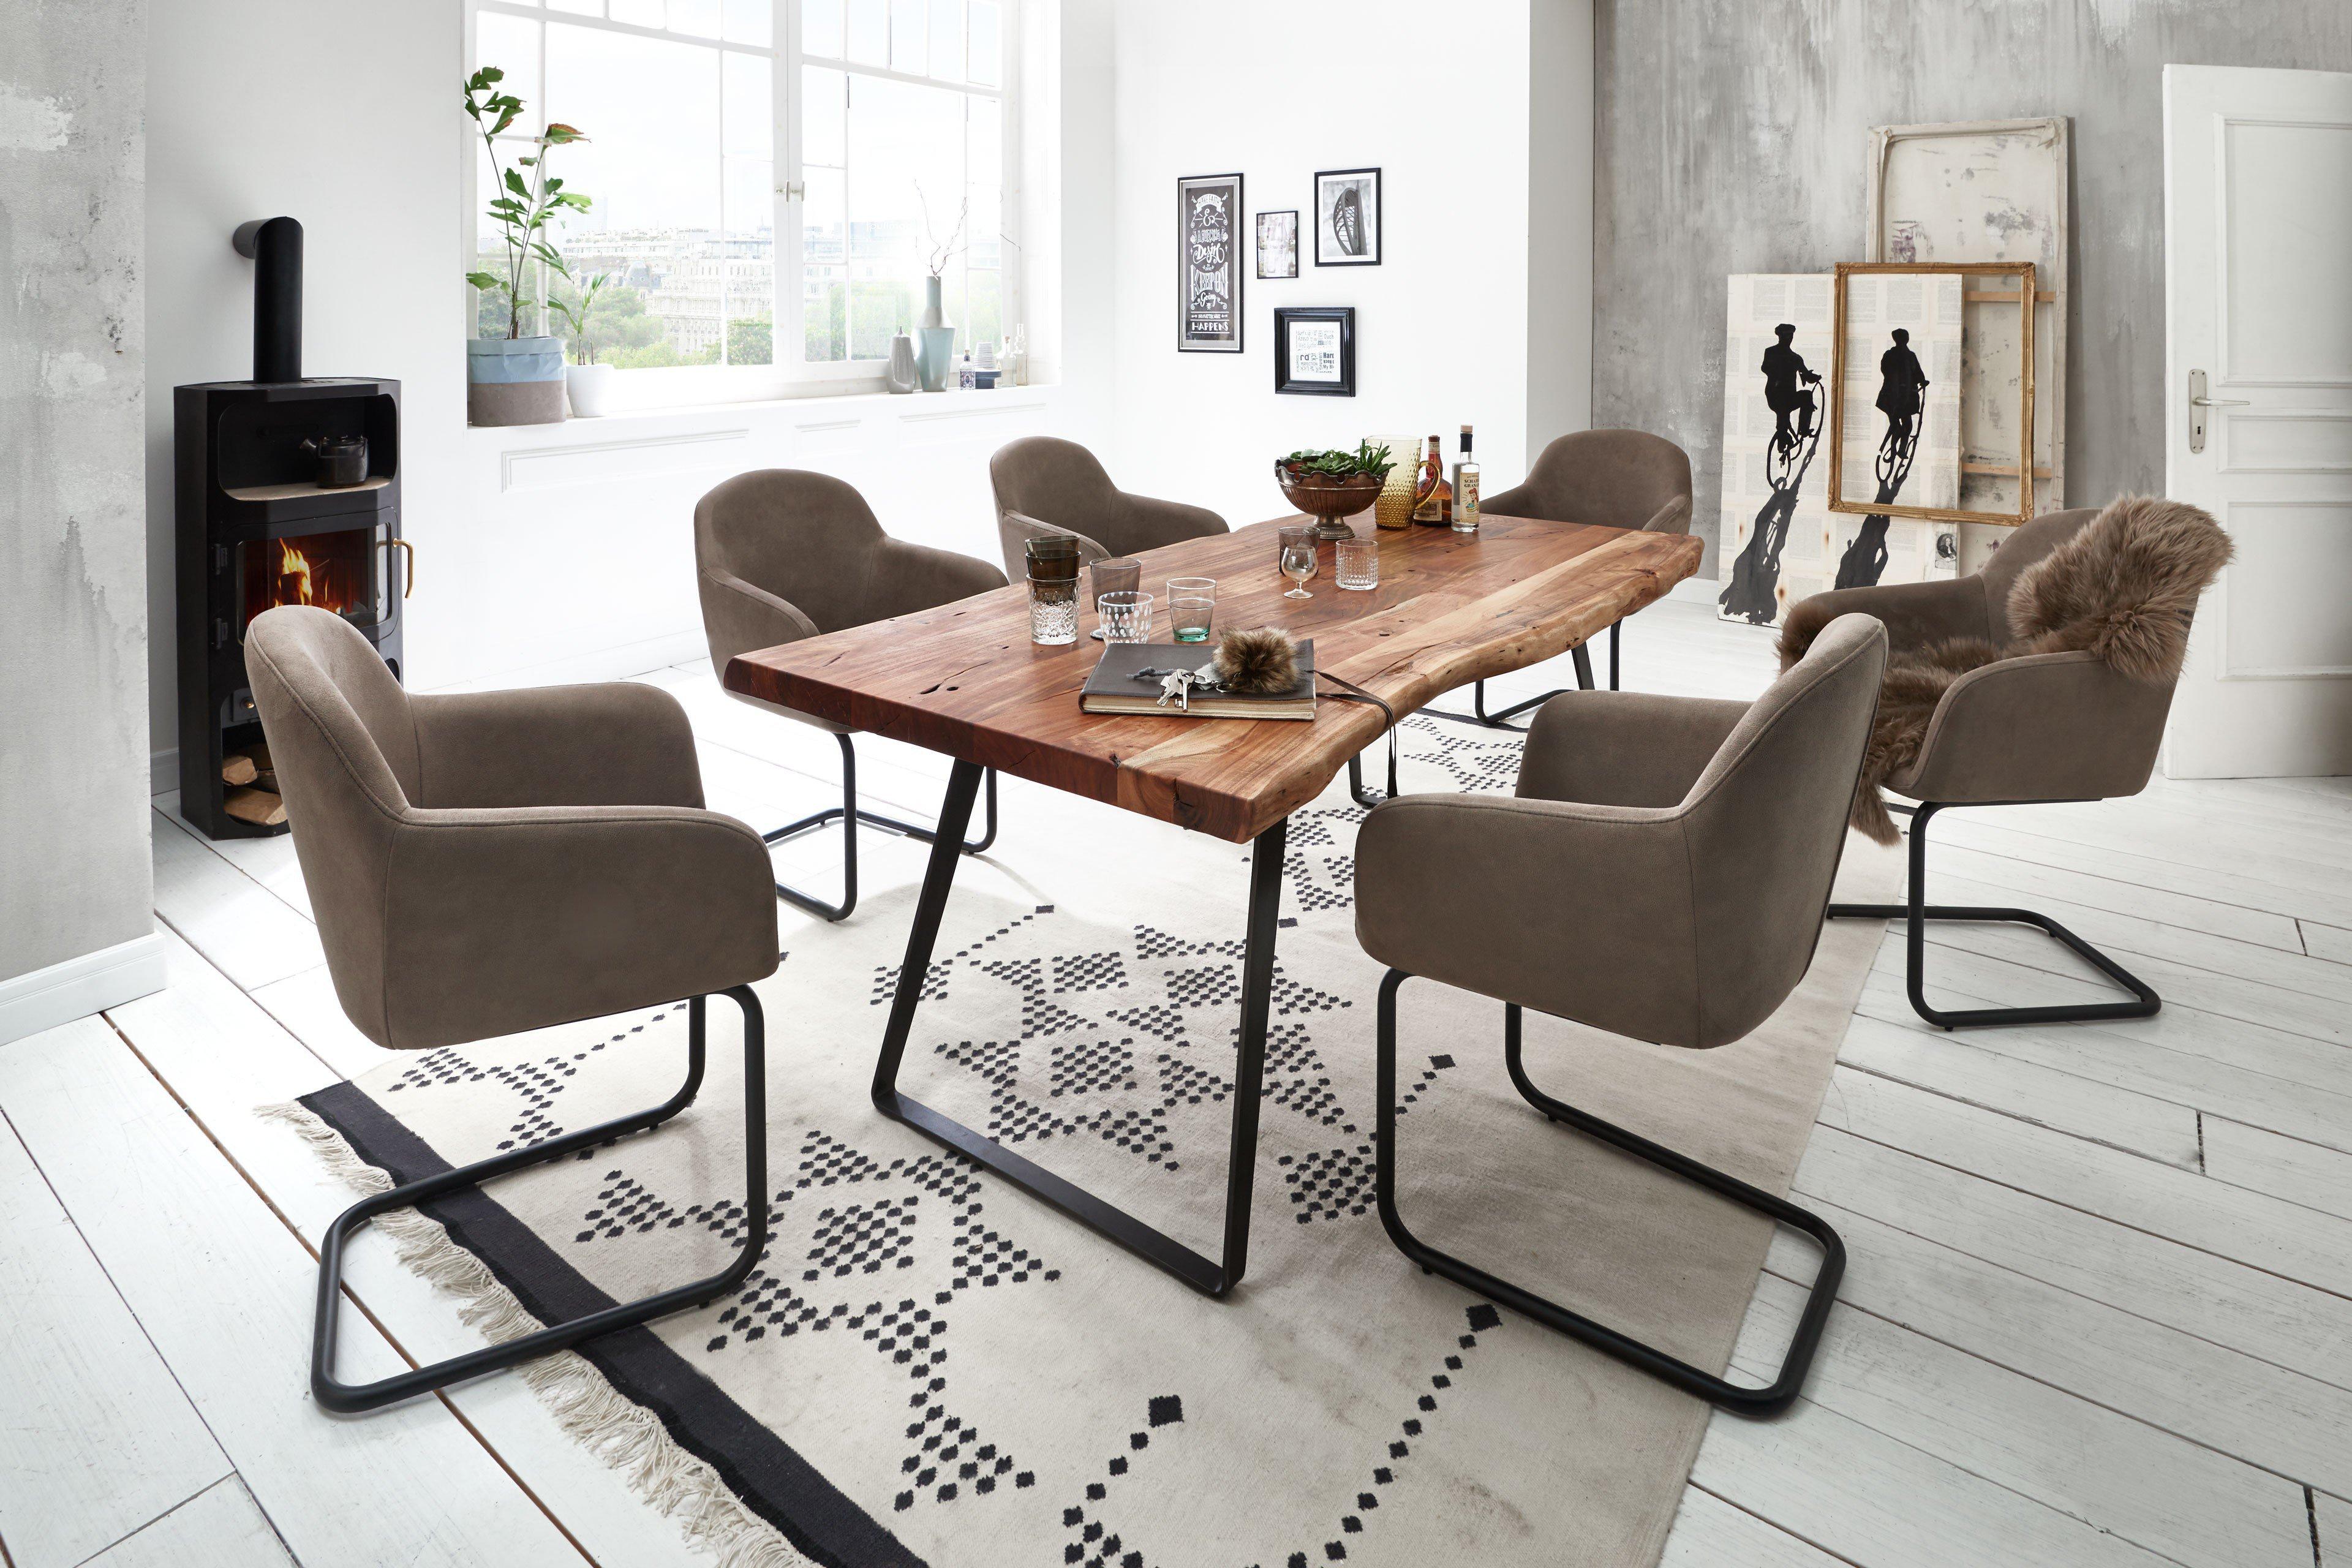 esszimmer hersteller sterreich. Black Bedroom Furniture Sets. Home Design Ideas